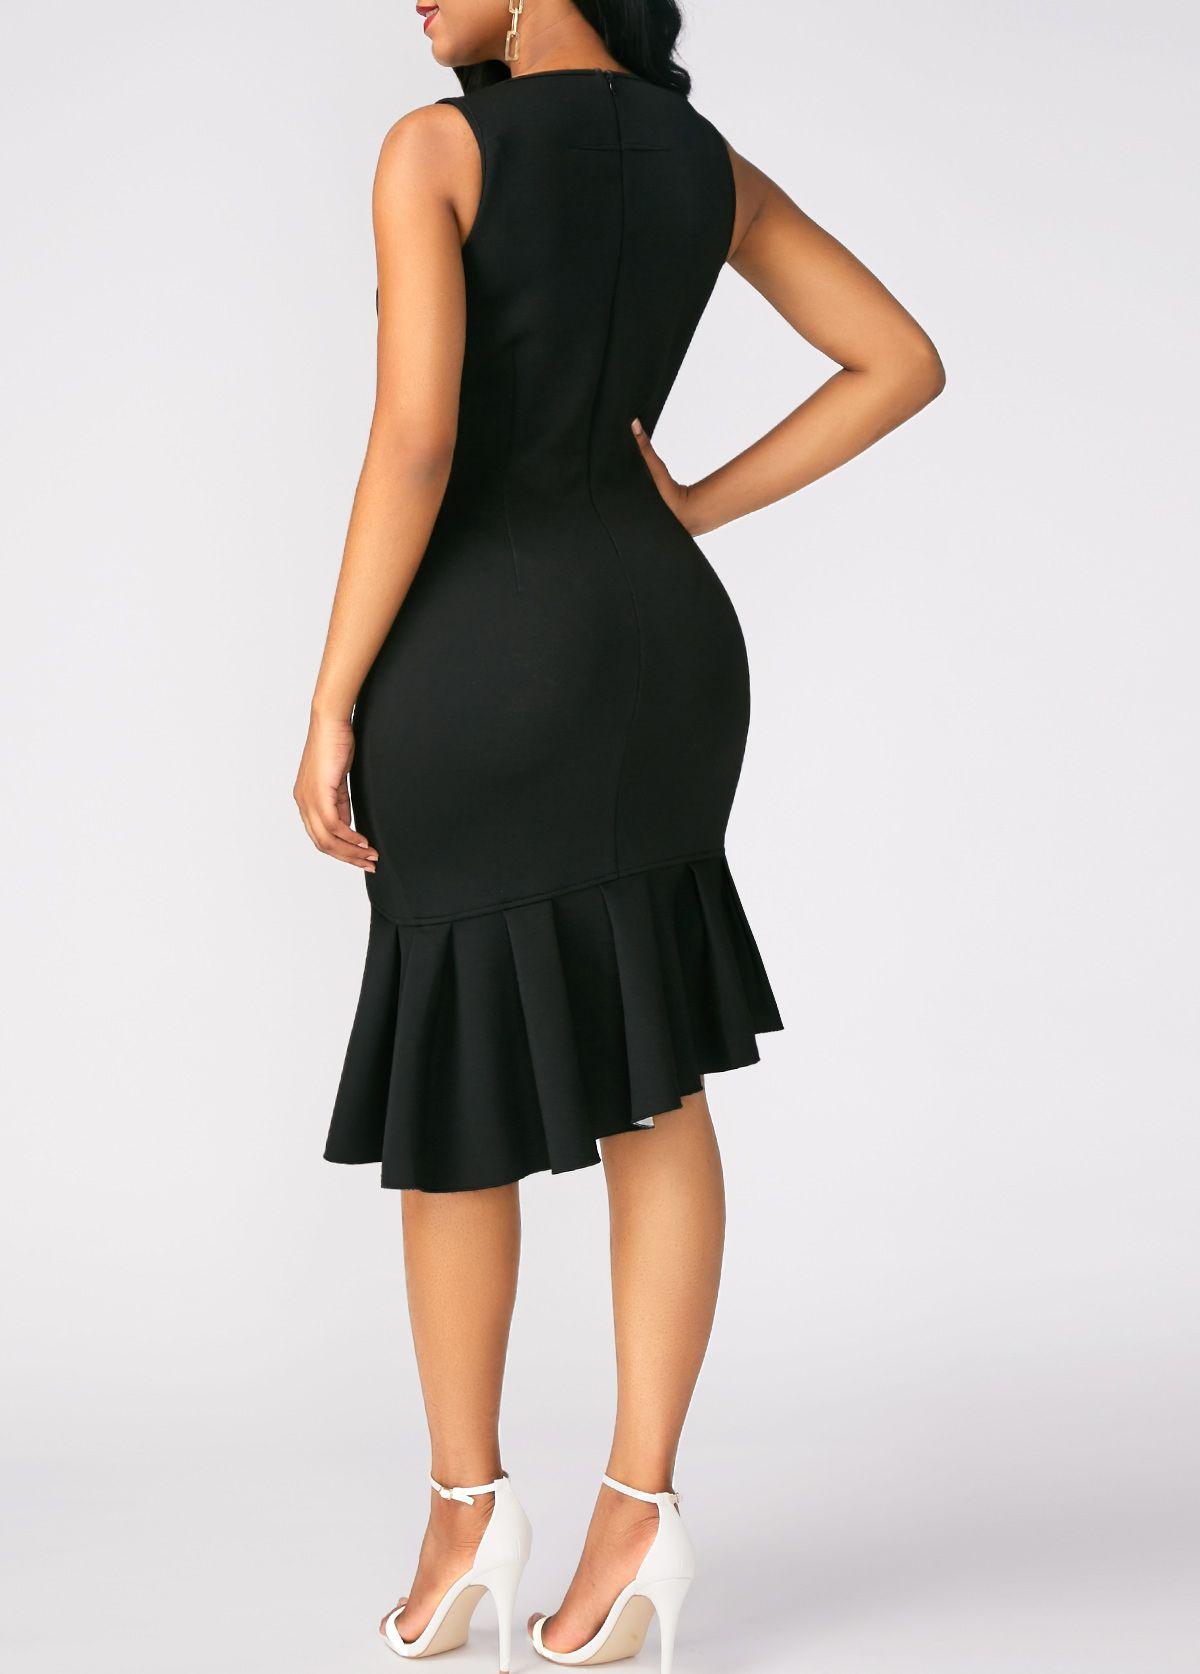 Sleeveless Black Peplum Hem Sheath Dress Rotita Com Usd 32 32 Sheath Dress Black Funeral Dress Black Sheath Dress [ 1674 x 1200 Pixel ]